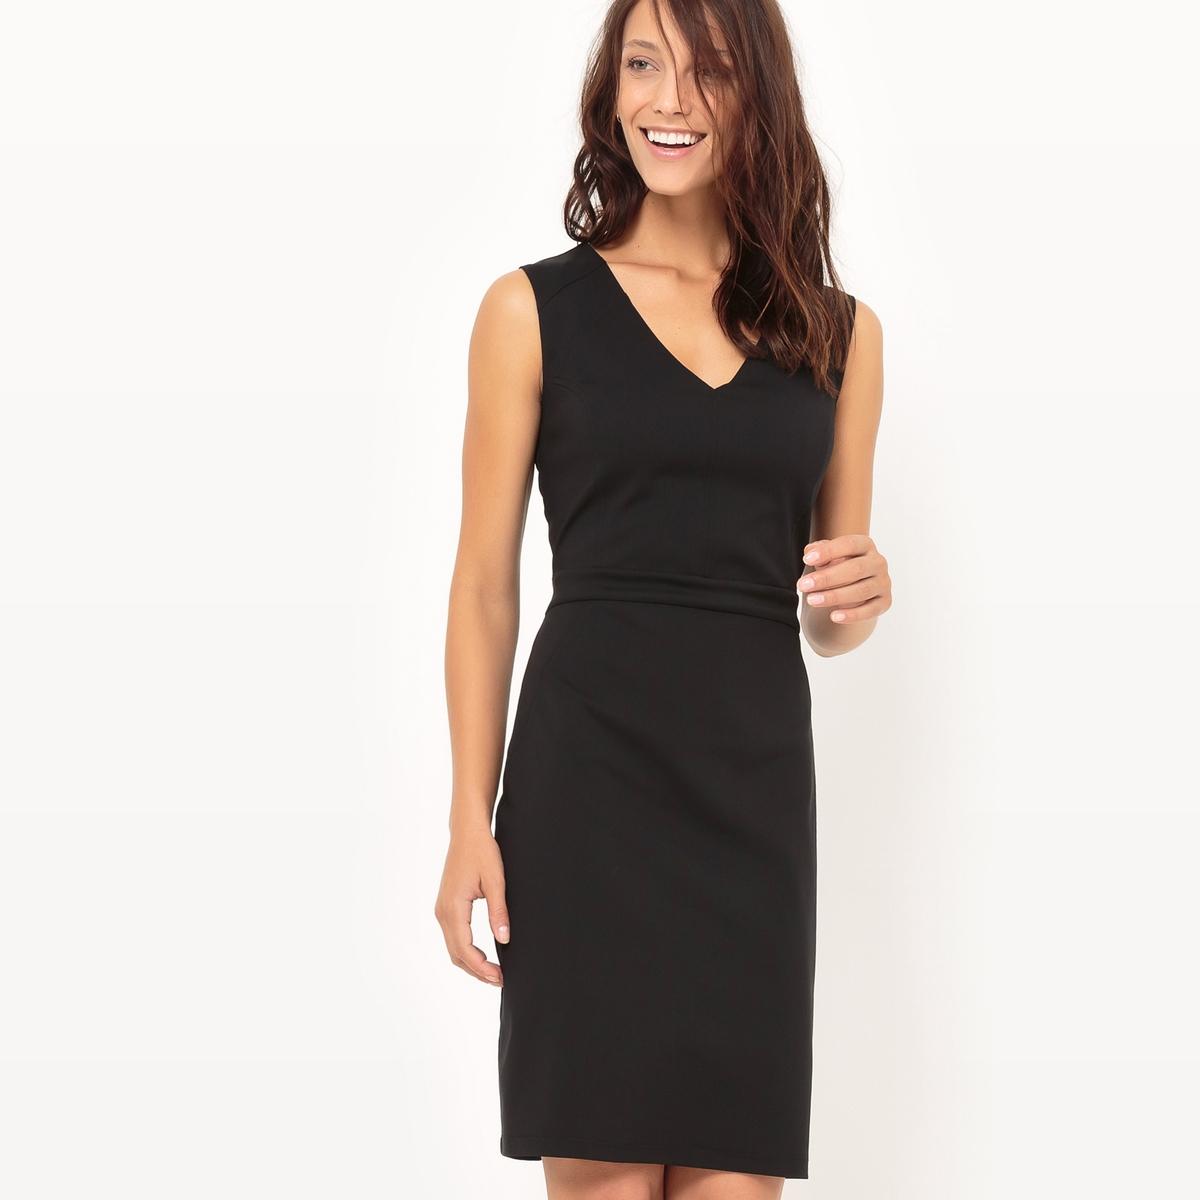 Платье приталенное с V-образным вырезомМатериал : 65% хлопка, 3% эластана, 32% полиамида            Подкладка : 100% полиэстер            Длина рукава : без рукавов             Форма воротника : V-образный вырез            Покрой платья : платье прямого покроя                 Рисунок : однотонная модель              Длина платья : 92 см            Стирка : машинная стирка при 30 °С в деликатном режиме            Уход : сухая чистка и отбеливание запрещены            Машинная сушка : барабанная сушка в умеренном режиме            Глажка : при низкой температуре<br><br>Цвет: красный,черный<br>Размер: 36 (FR) - 42 (RUS).34 (FR) - 40 (RUS).48 (FR) - 54 (RUS).52 (FR) - 58 (RUS).46 (FR) - 52 (RUS).44 (FR) - 50 (RUS)